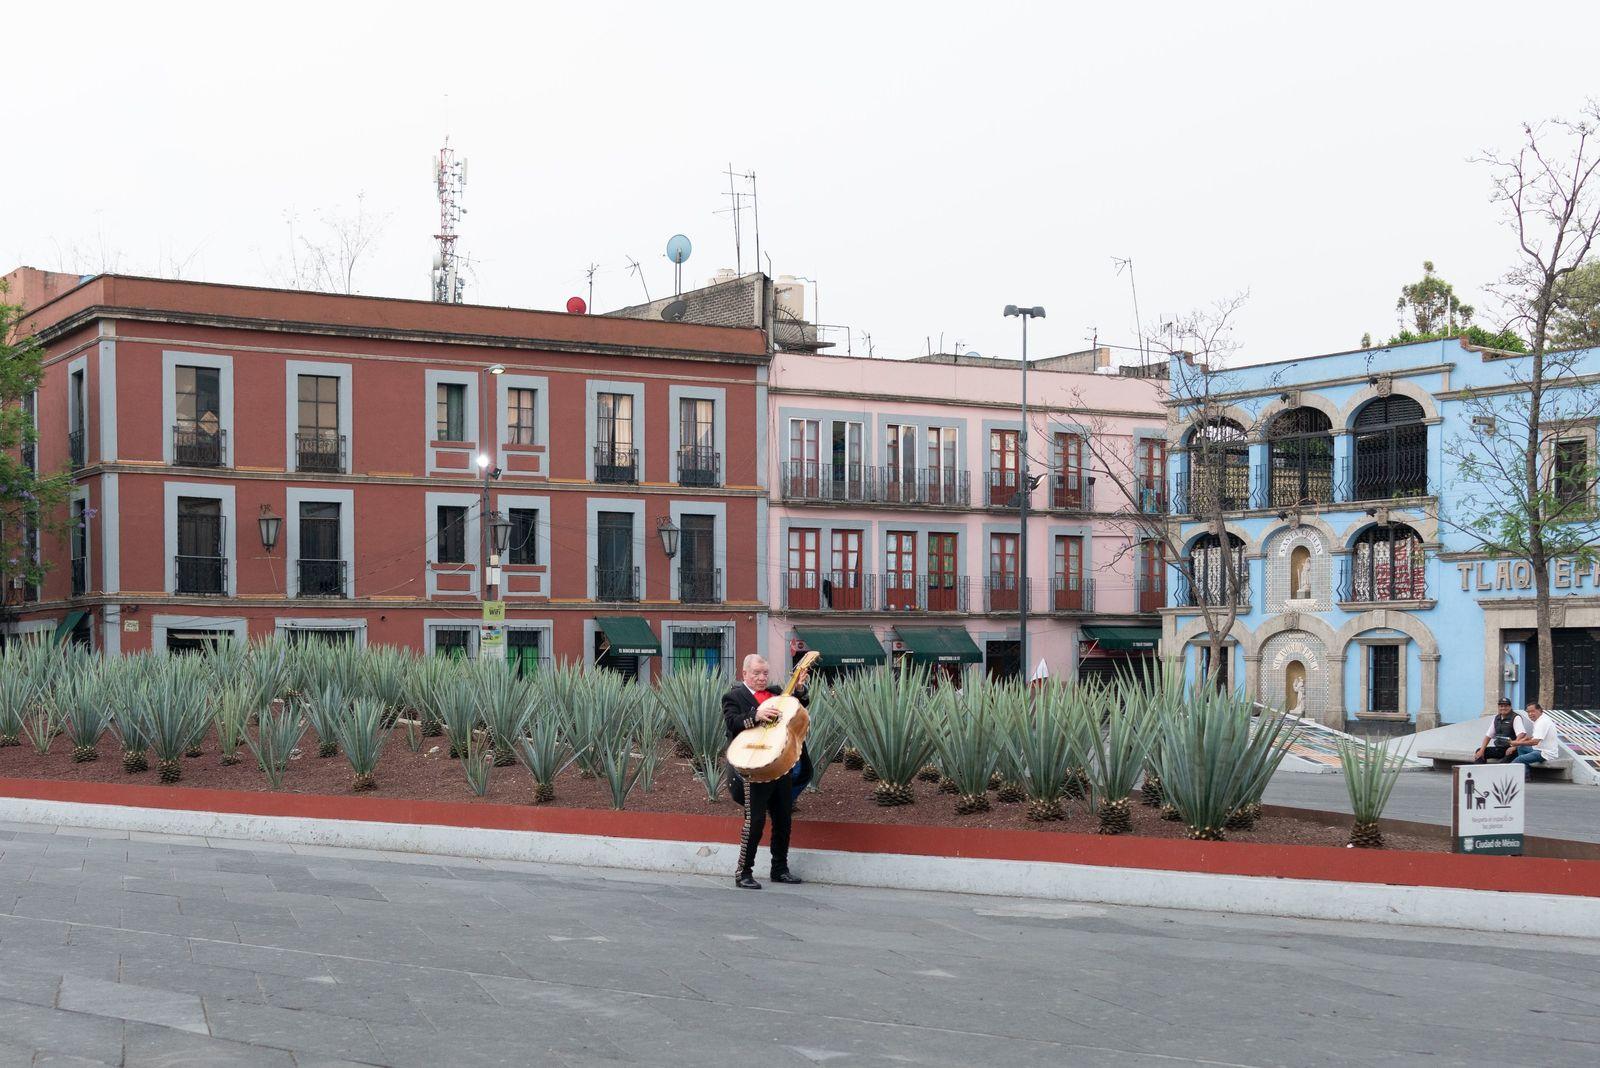 Mariachi toca su instrumento en medio de la soledad de la Plaza Garibaldi durante la pandemia ...